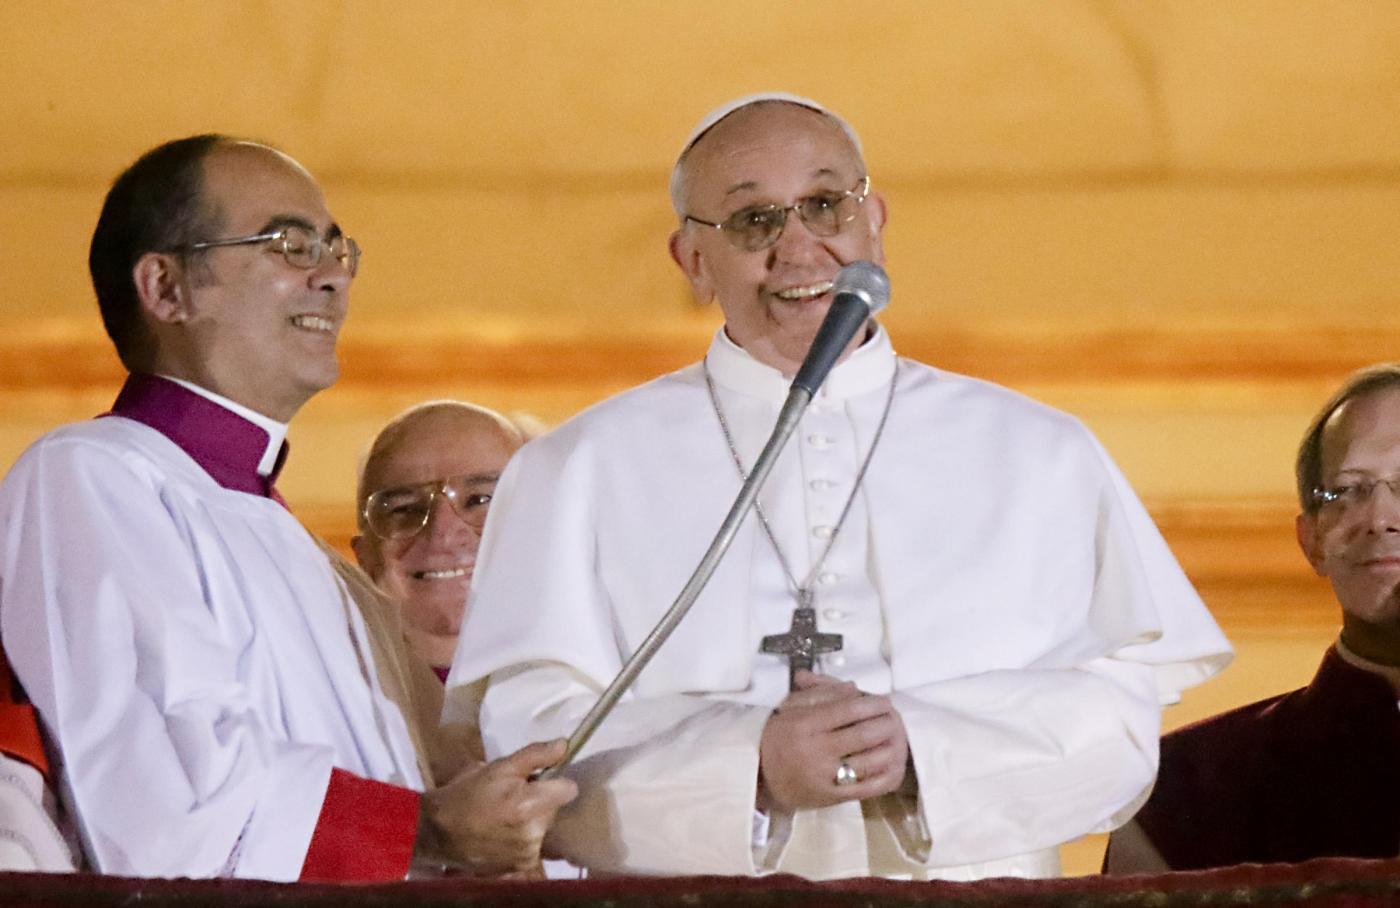 Ascolti TV mercoledì 13 marzo 2013: Porta a Porta sull'elezione del papa vince la serata